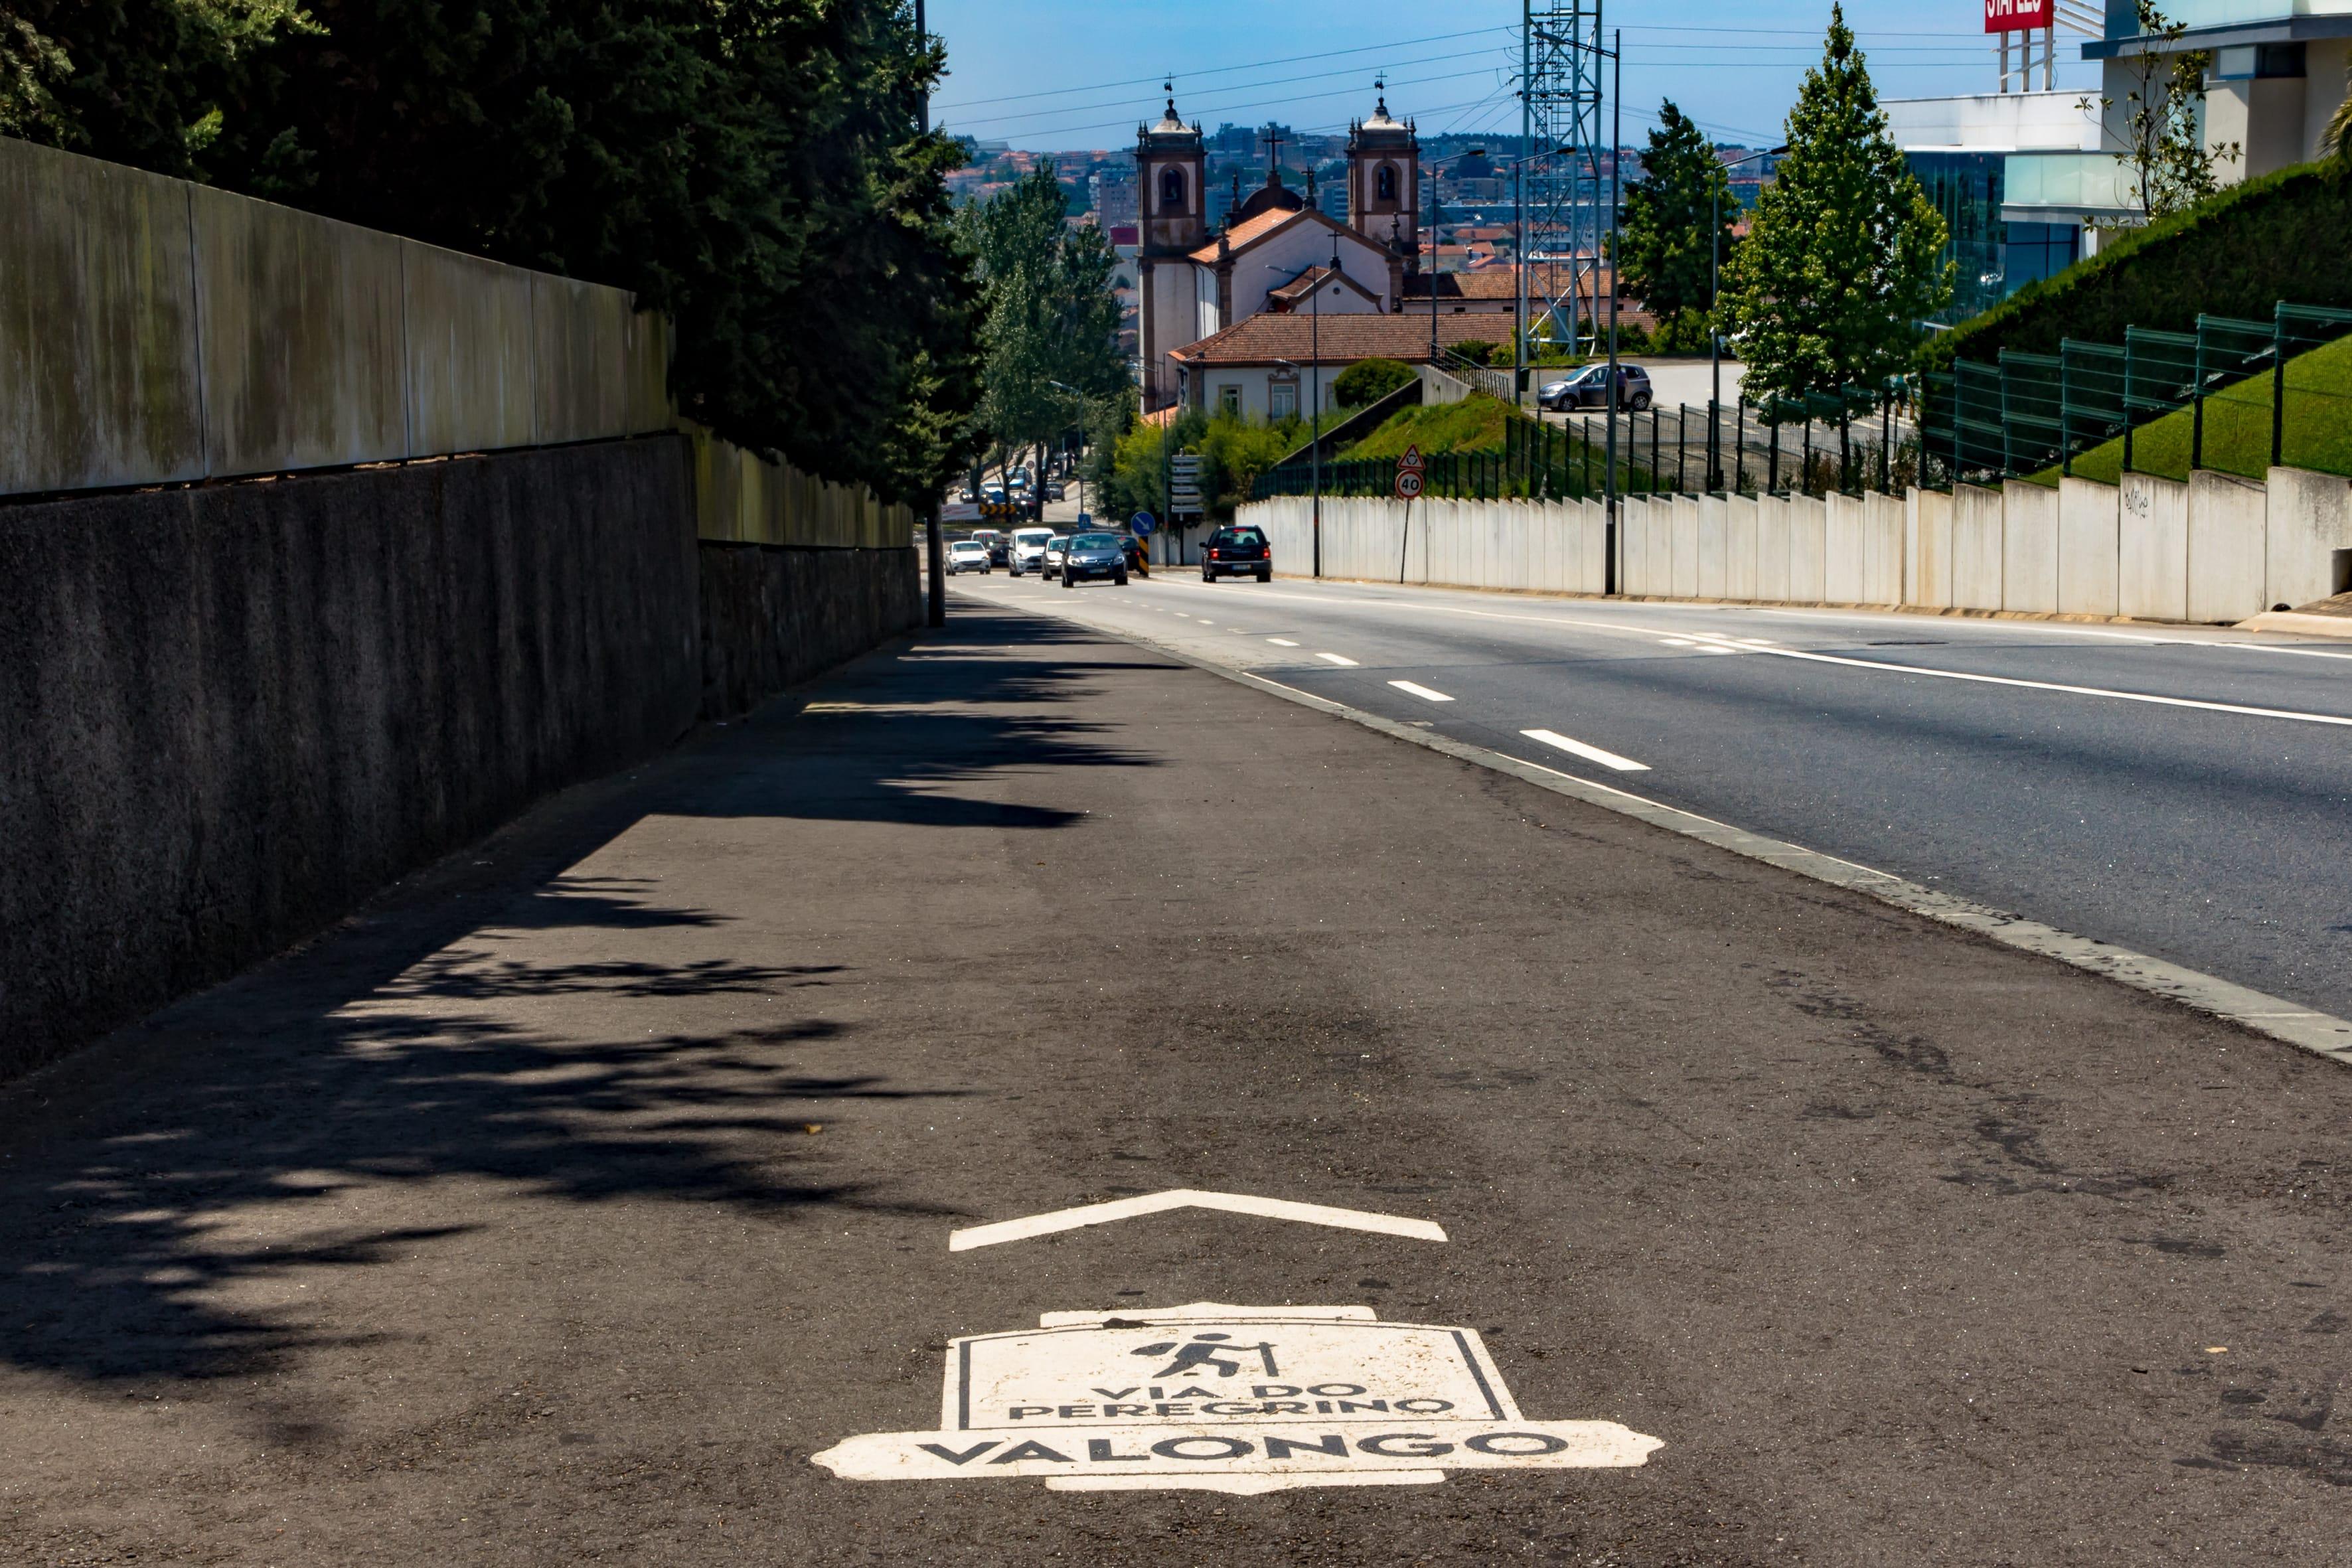 Fotos ciclovia e pista de atletismo